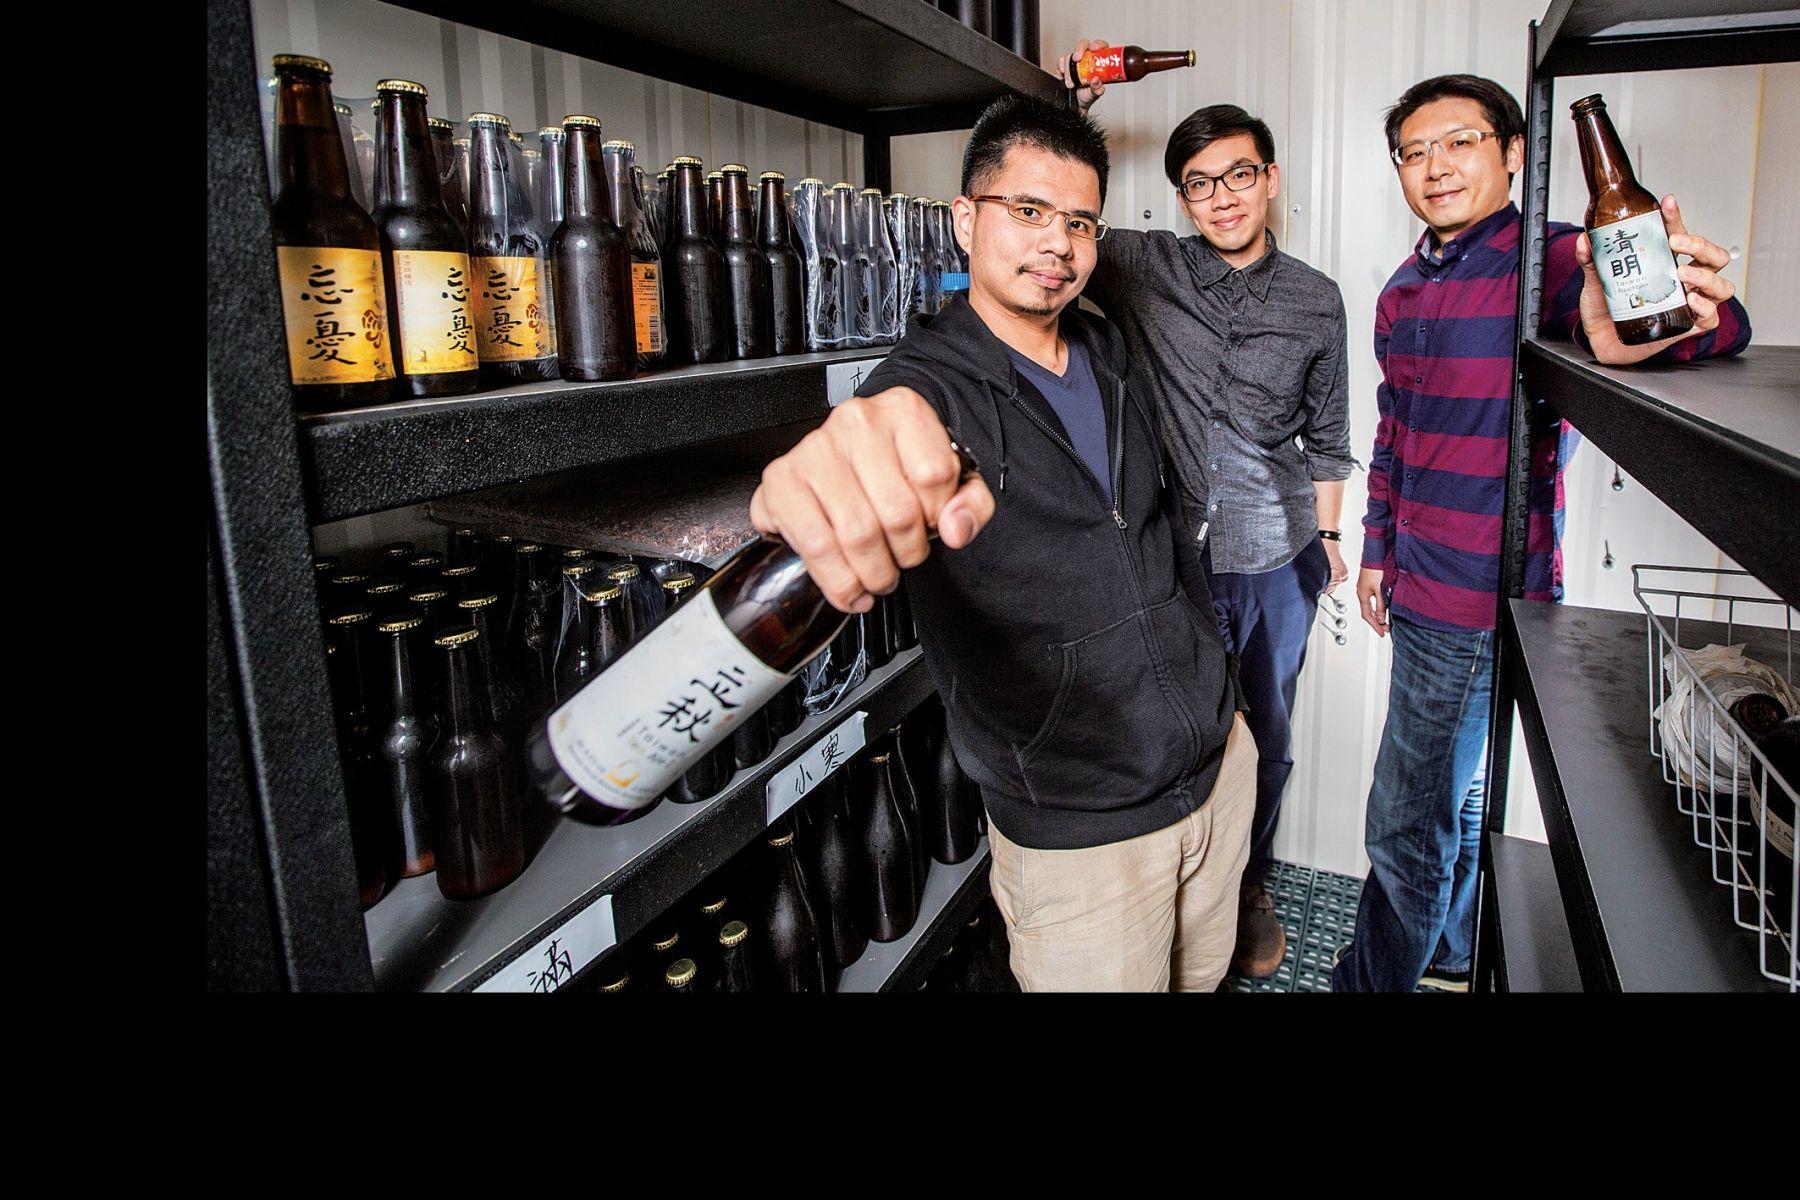 24節氣啤酒>> 用7個靈感清單 釀出國際金牌